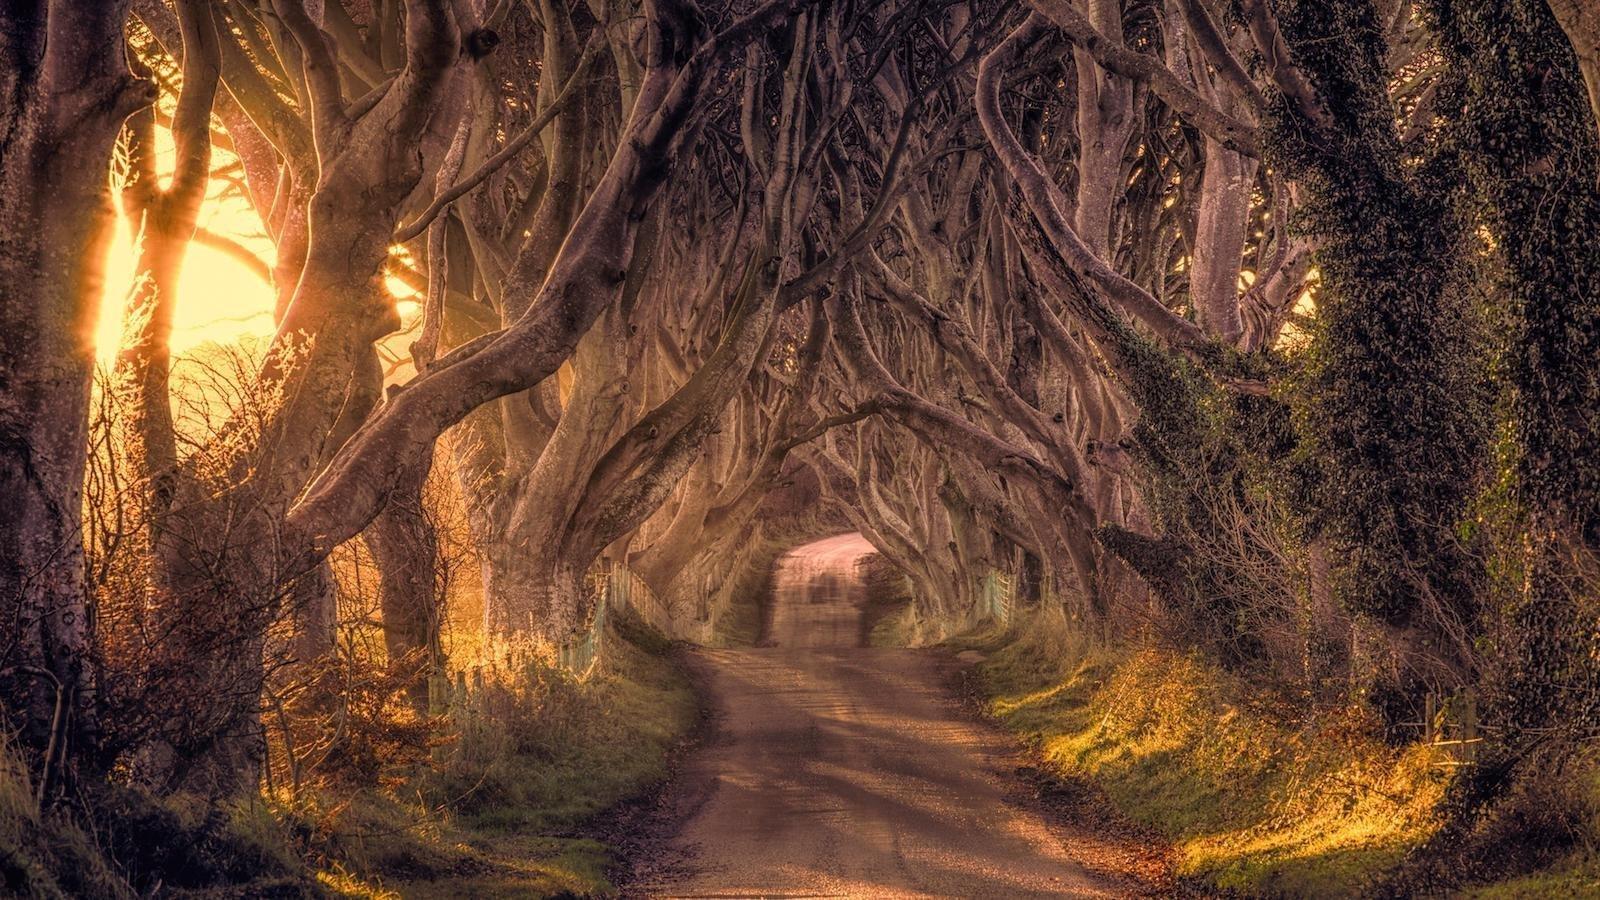 Буковая аллея, Северная Ирландия красивые места, мир, природа, путешествия, сказка